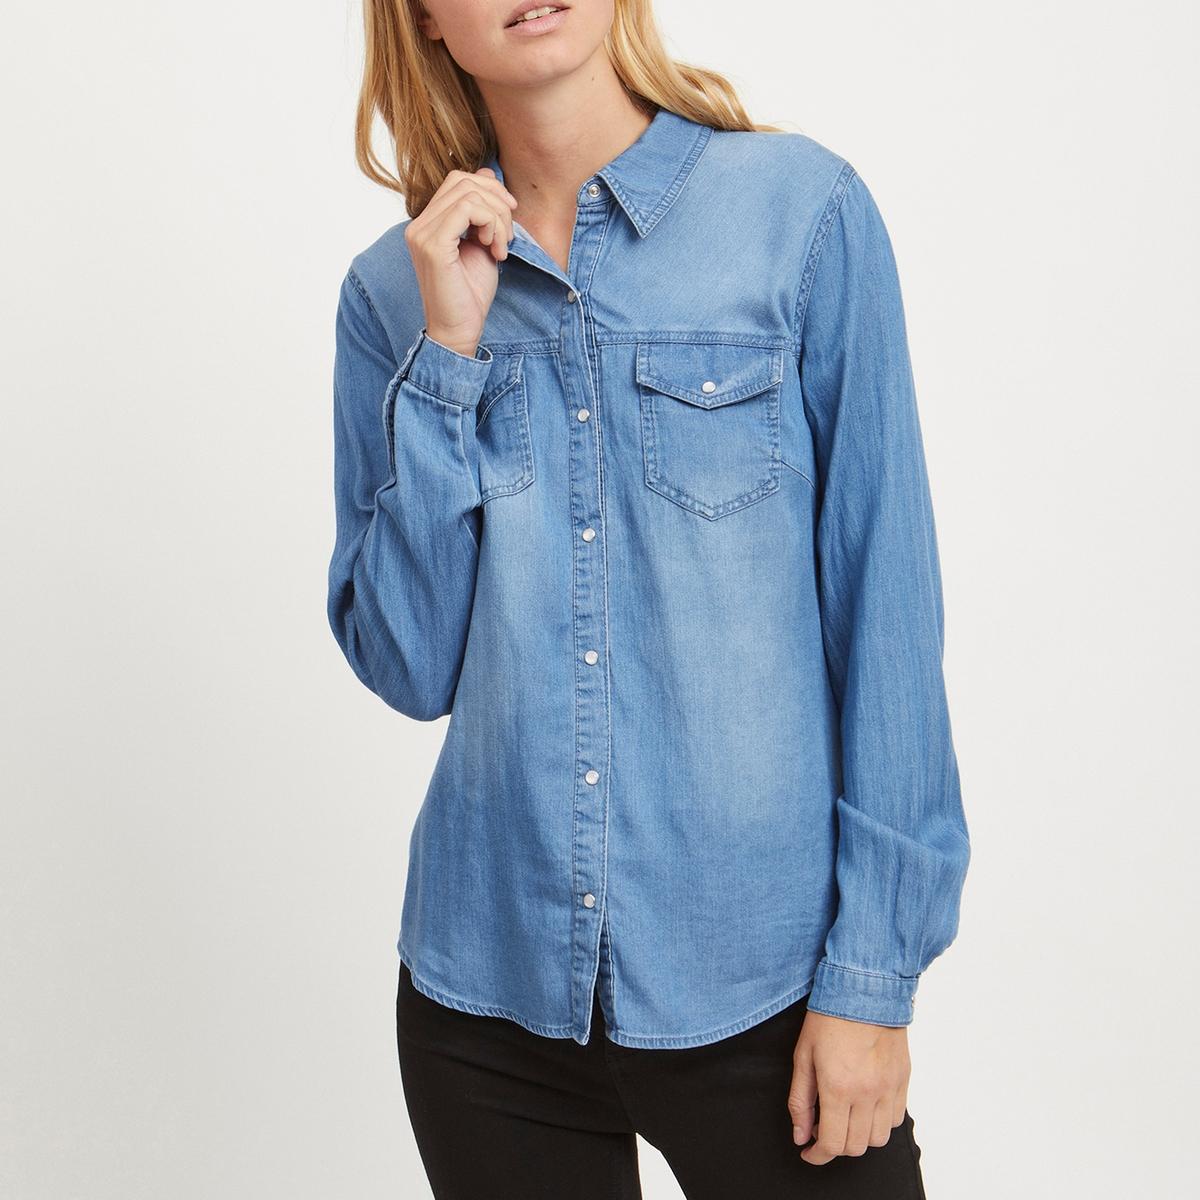 Рубашка La Redoute Приталенная с длинными рукавами S синий рубашка la redoute джинсовая узкая jjesheridan s синий